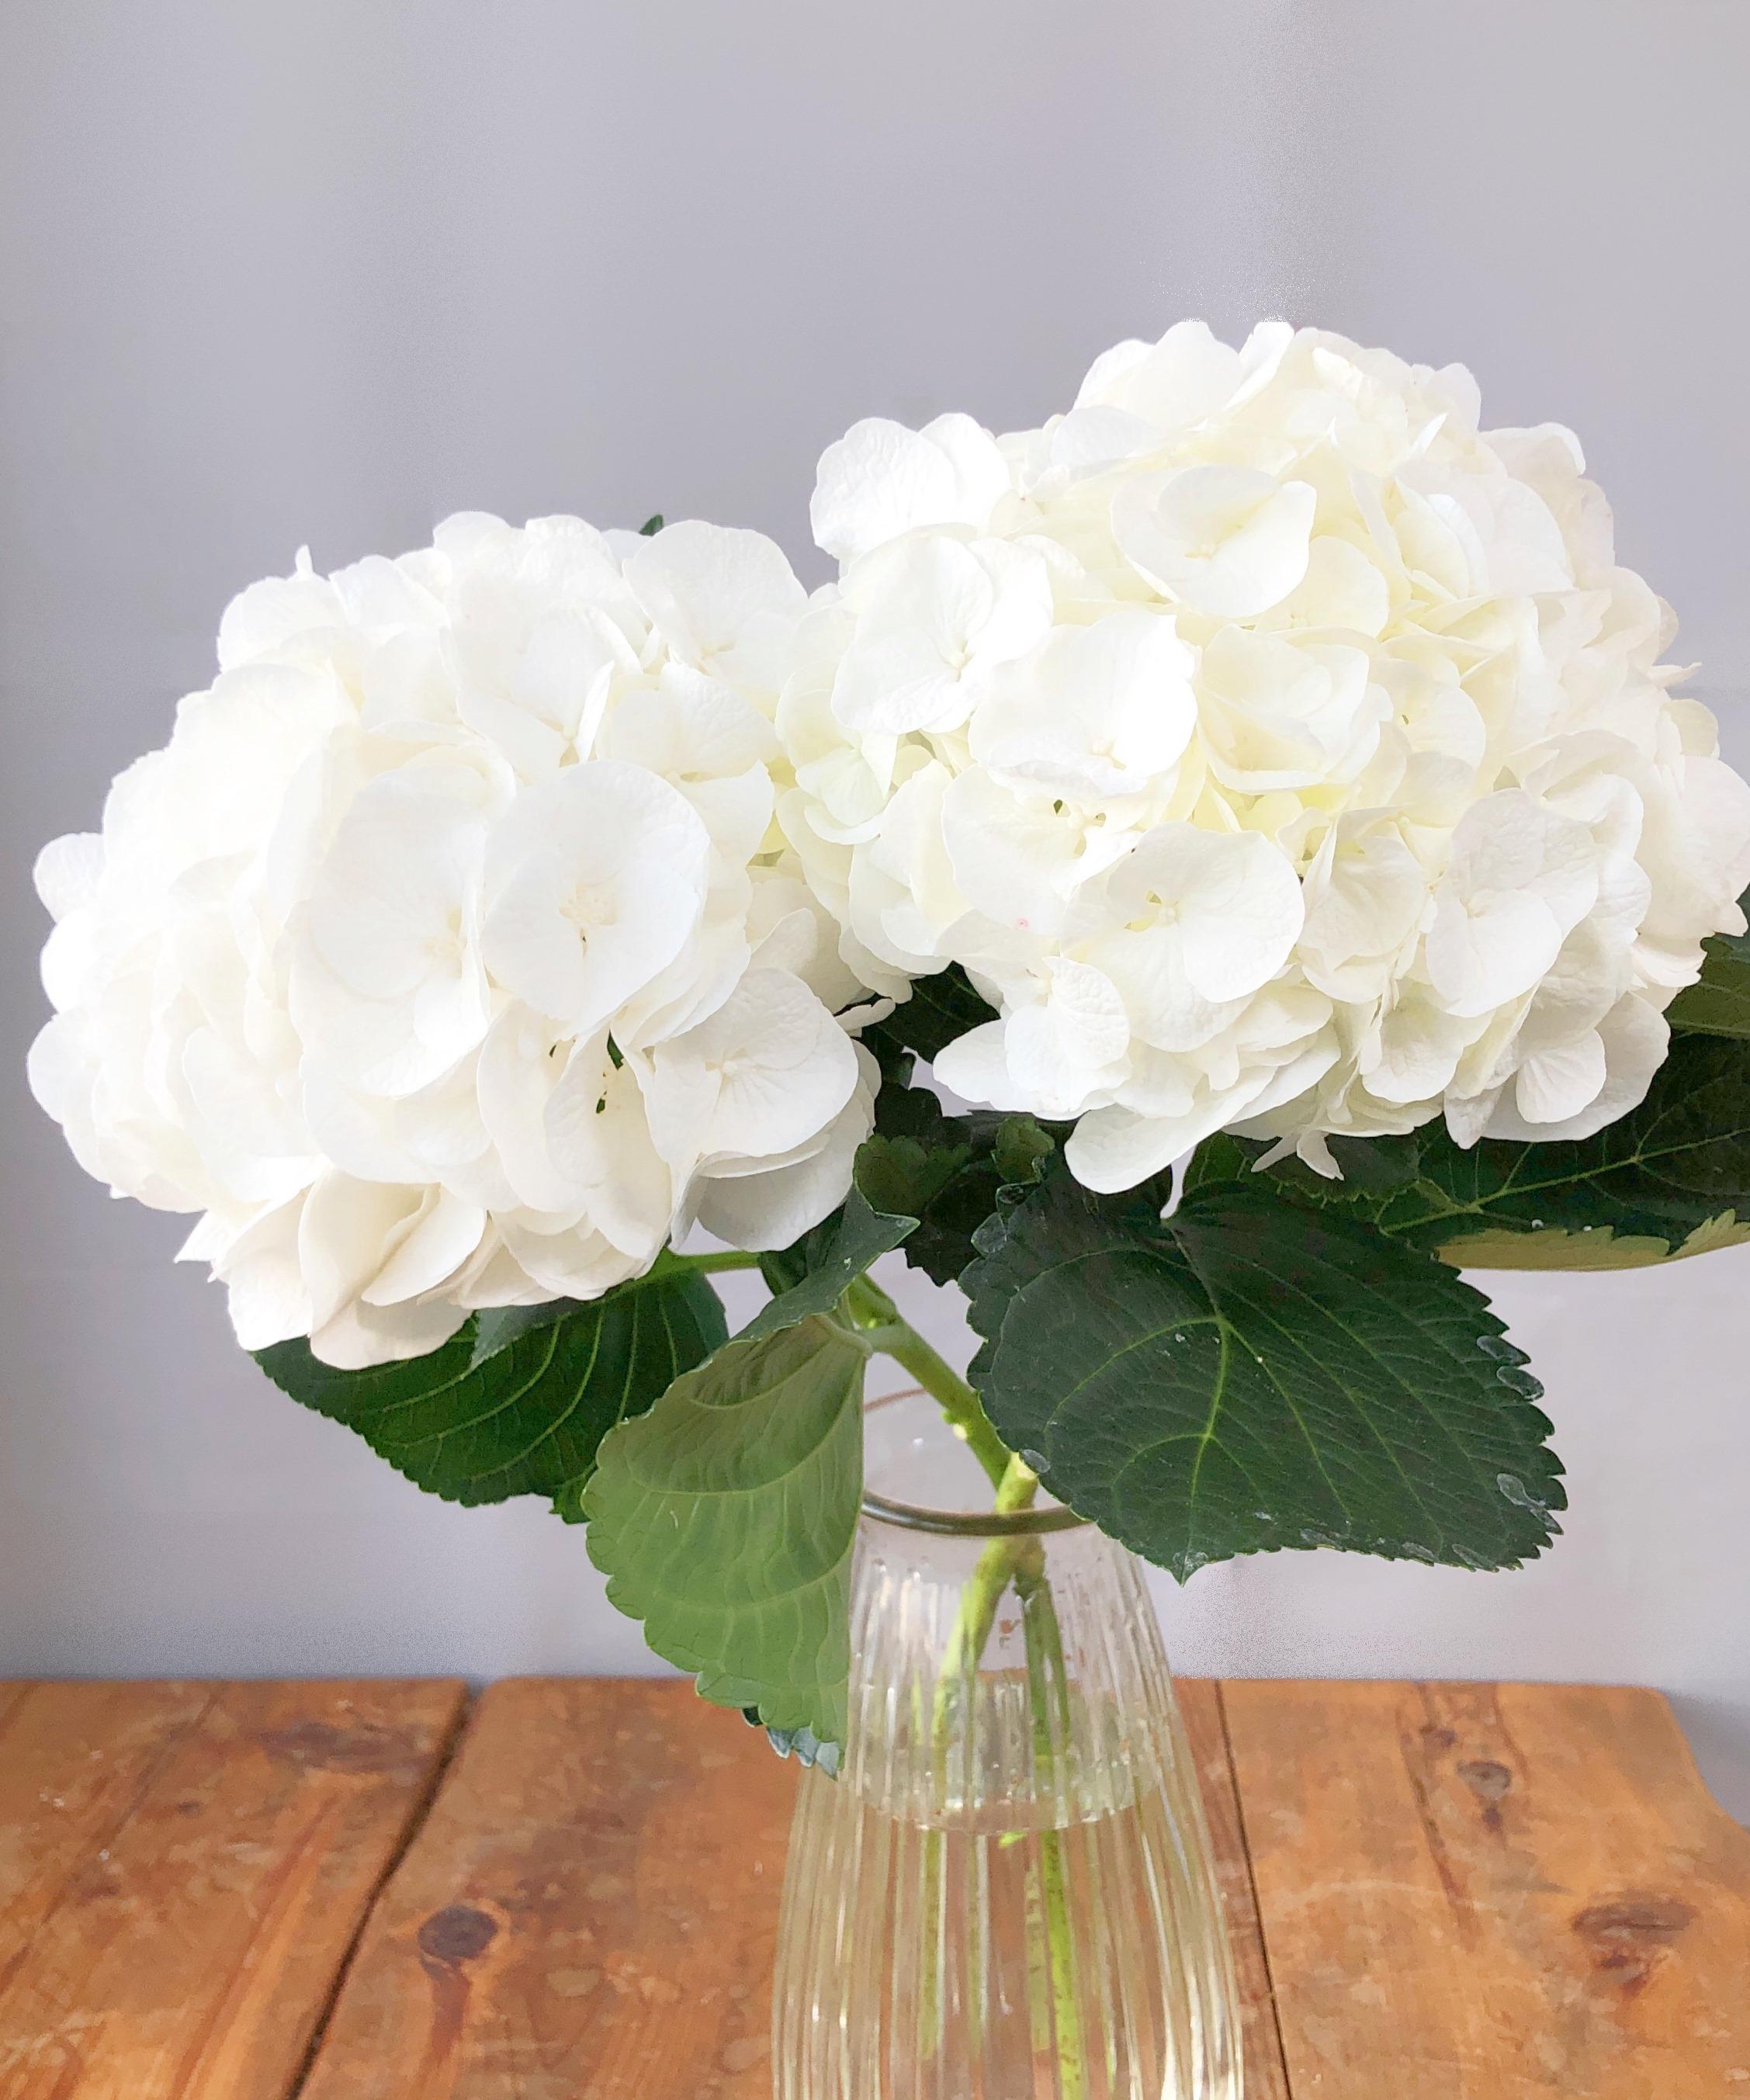 ★送料無料 ブライダル応援!! 青木園芸 ハイドランジア(アジサイ)ホワイト5本 のご提案